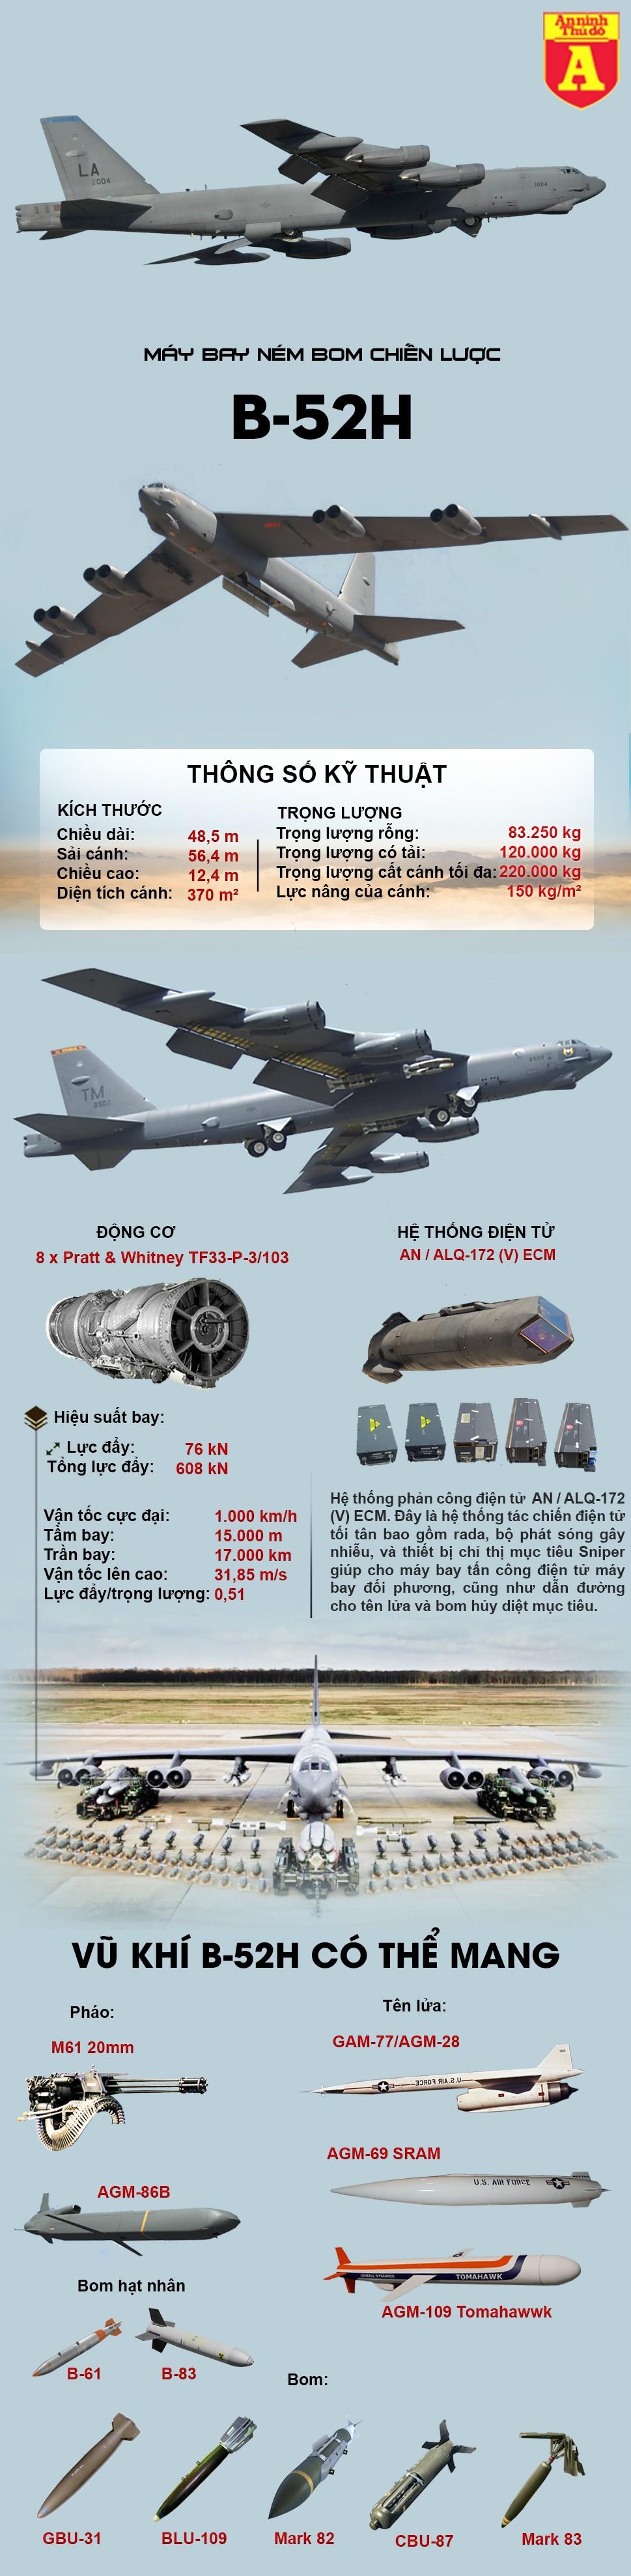 [Info] Loại bỏ bom hạt nhân, sức mạnh của B-52H vẫn không suy giảm ảnh 2